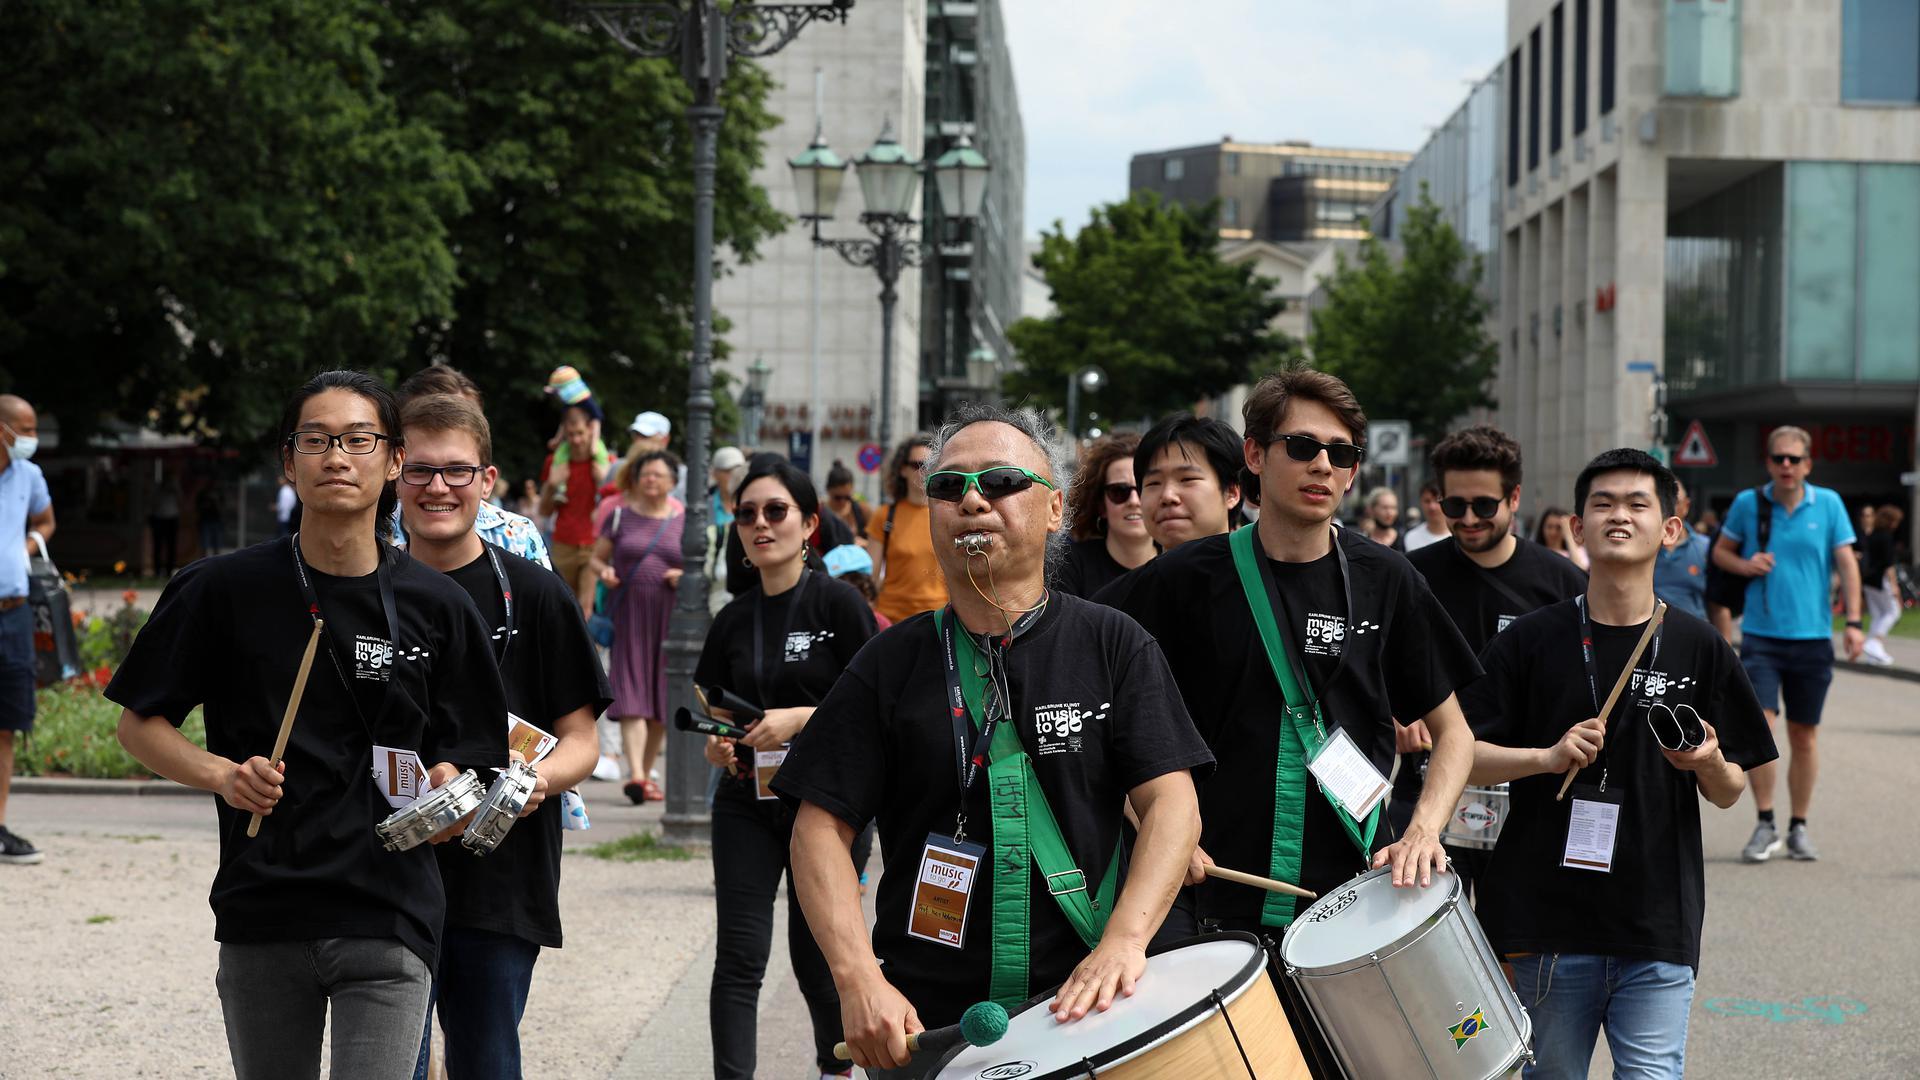 Samba bewegt: Professor Isao Nakamura führte seine Schlagzeugklasse an und sorgte für Aufsehen in der Stadt.